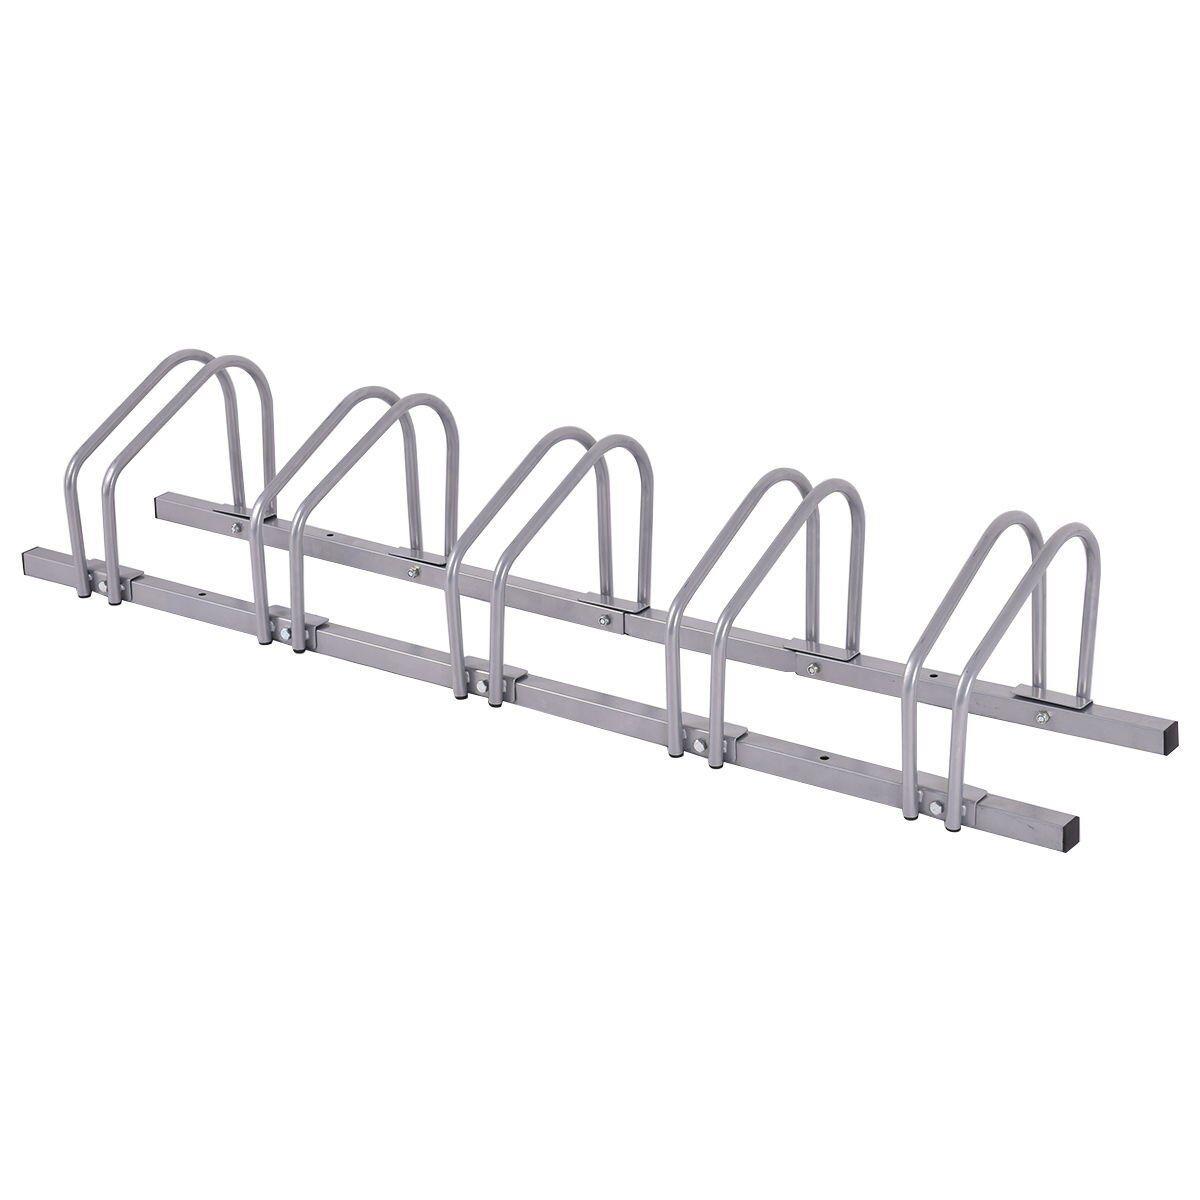 Adjustable Bike Rack 5 Bicycle Floor Parking Stand Storage